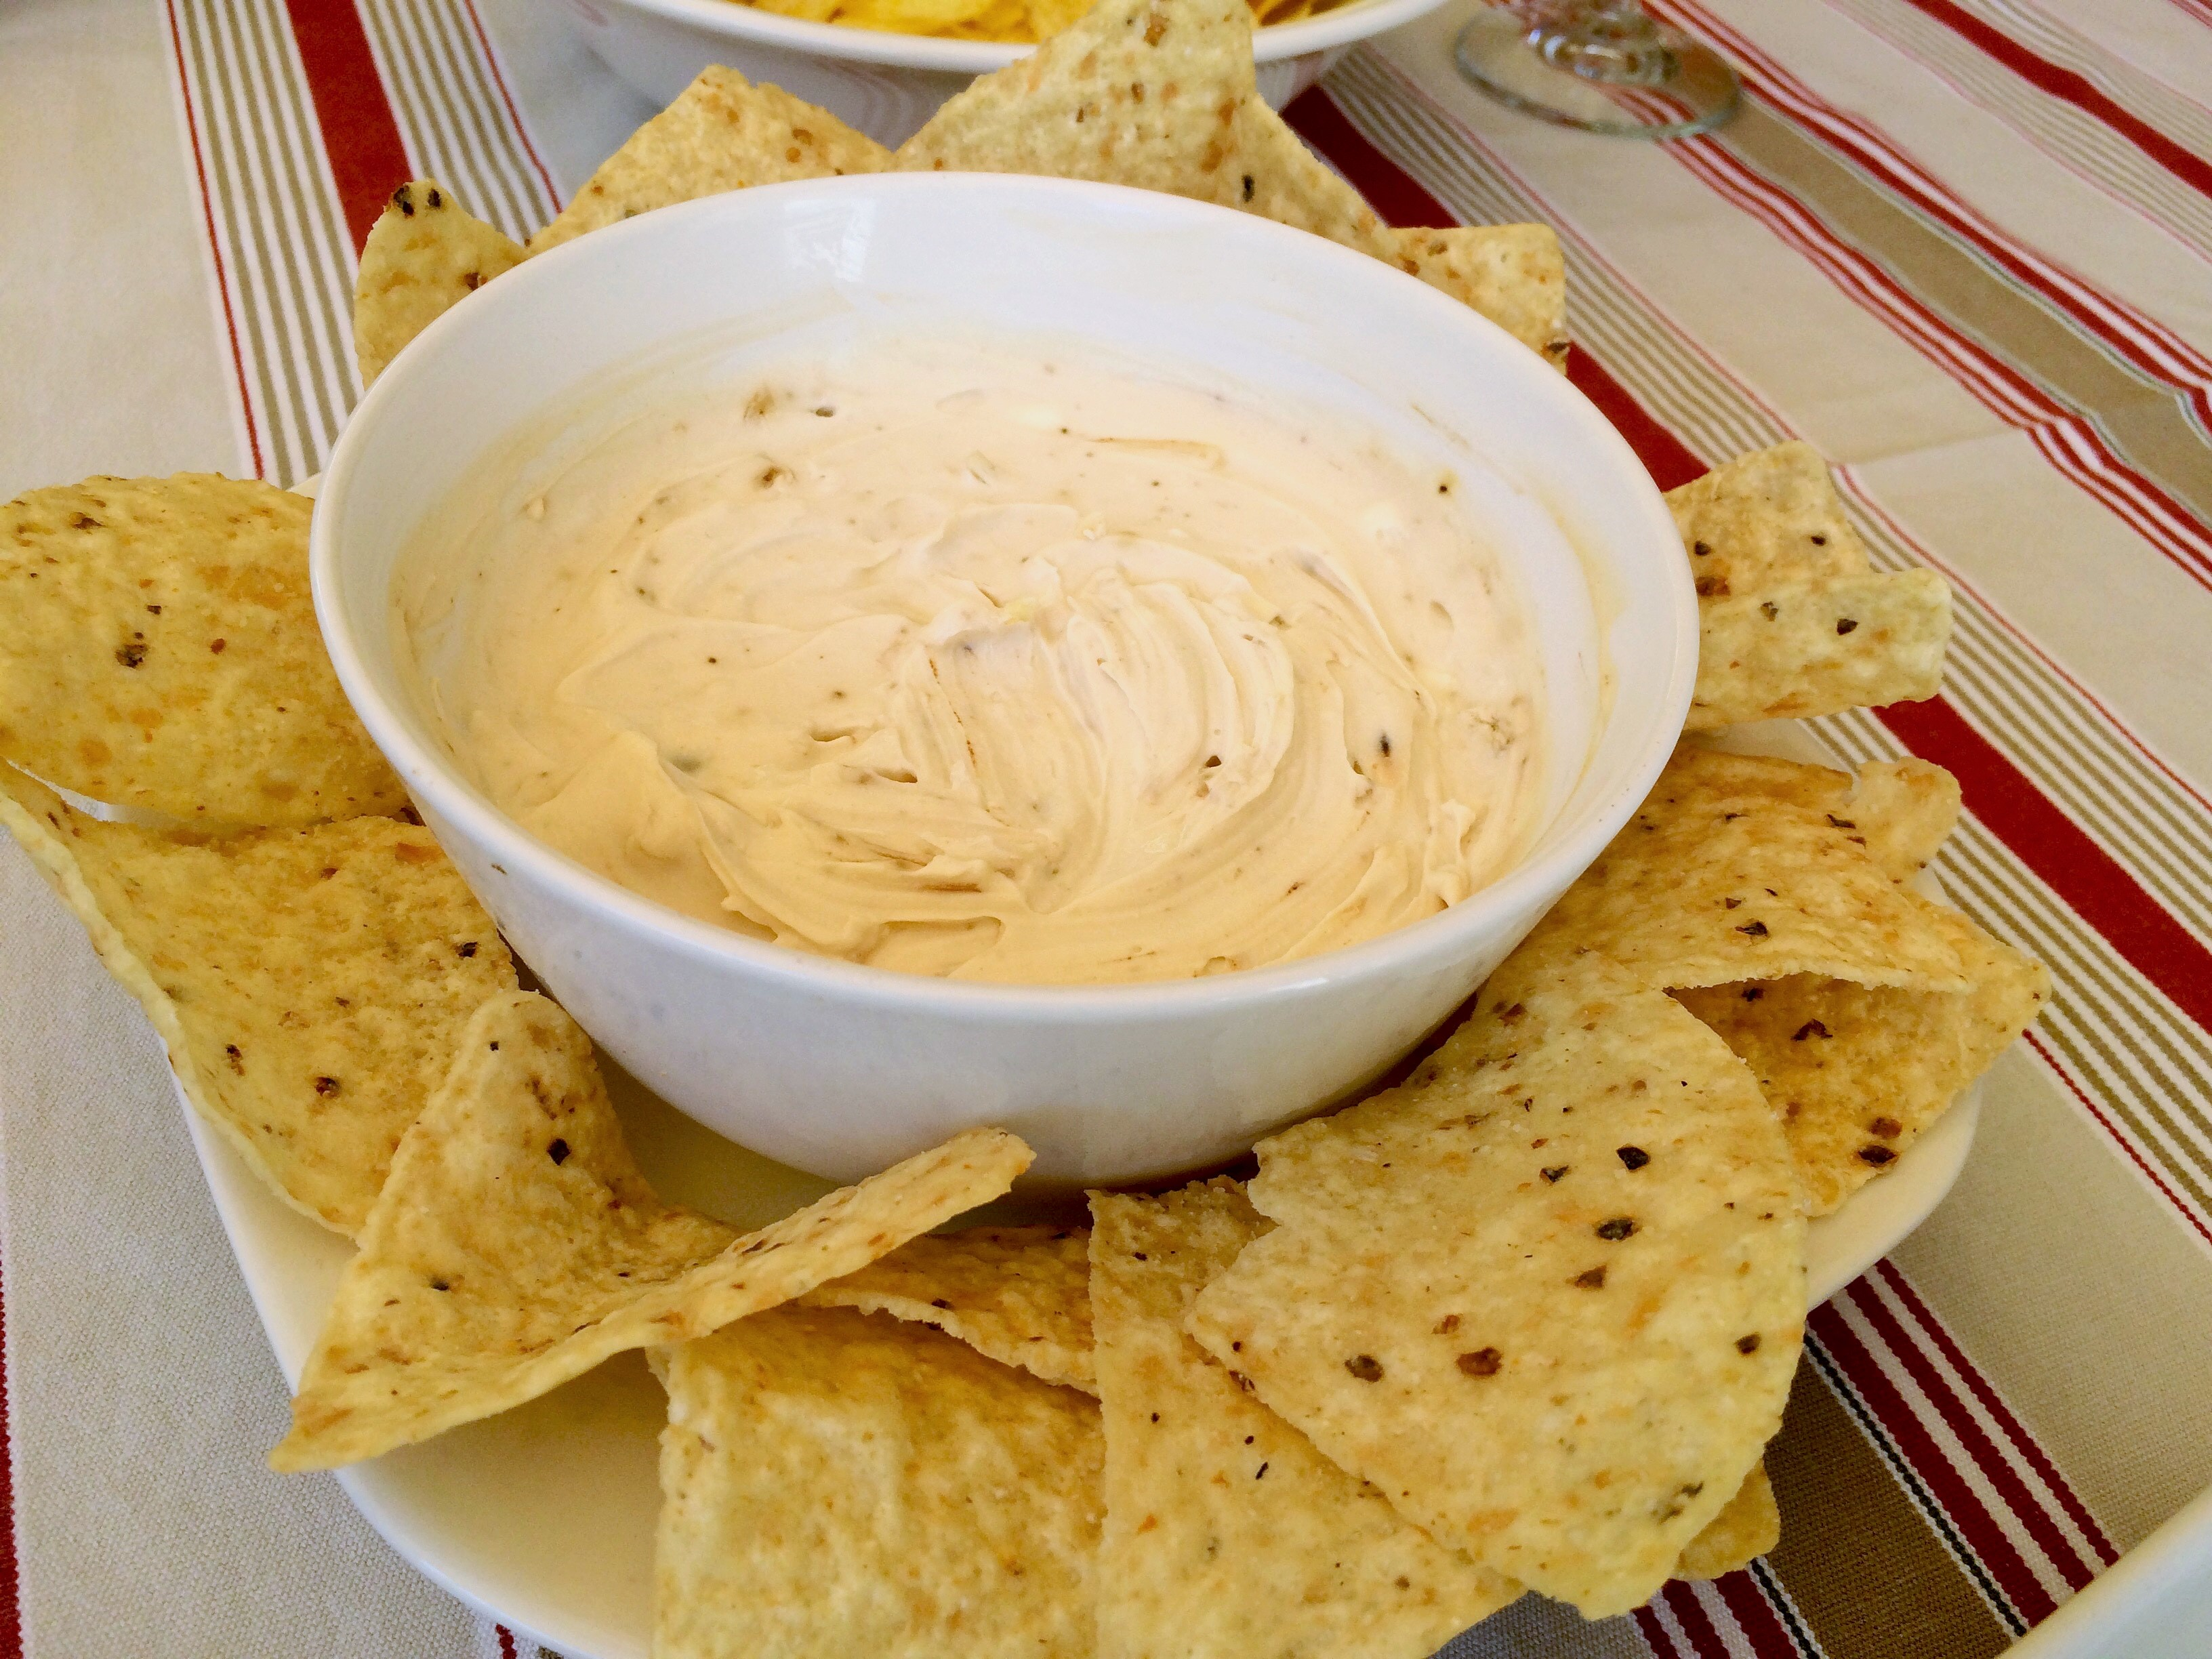 Cómo preparar un delicioso dip de queso